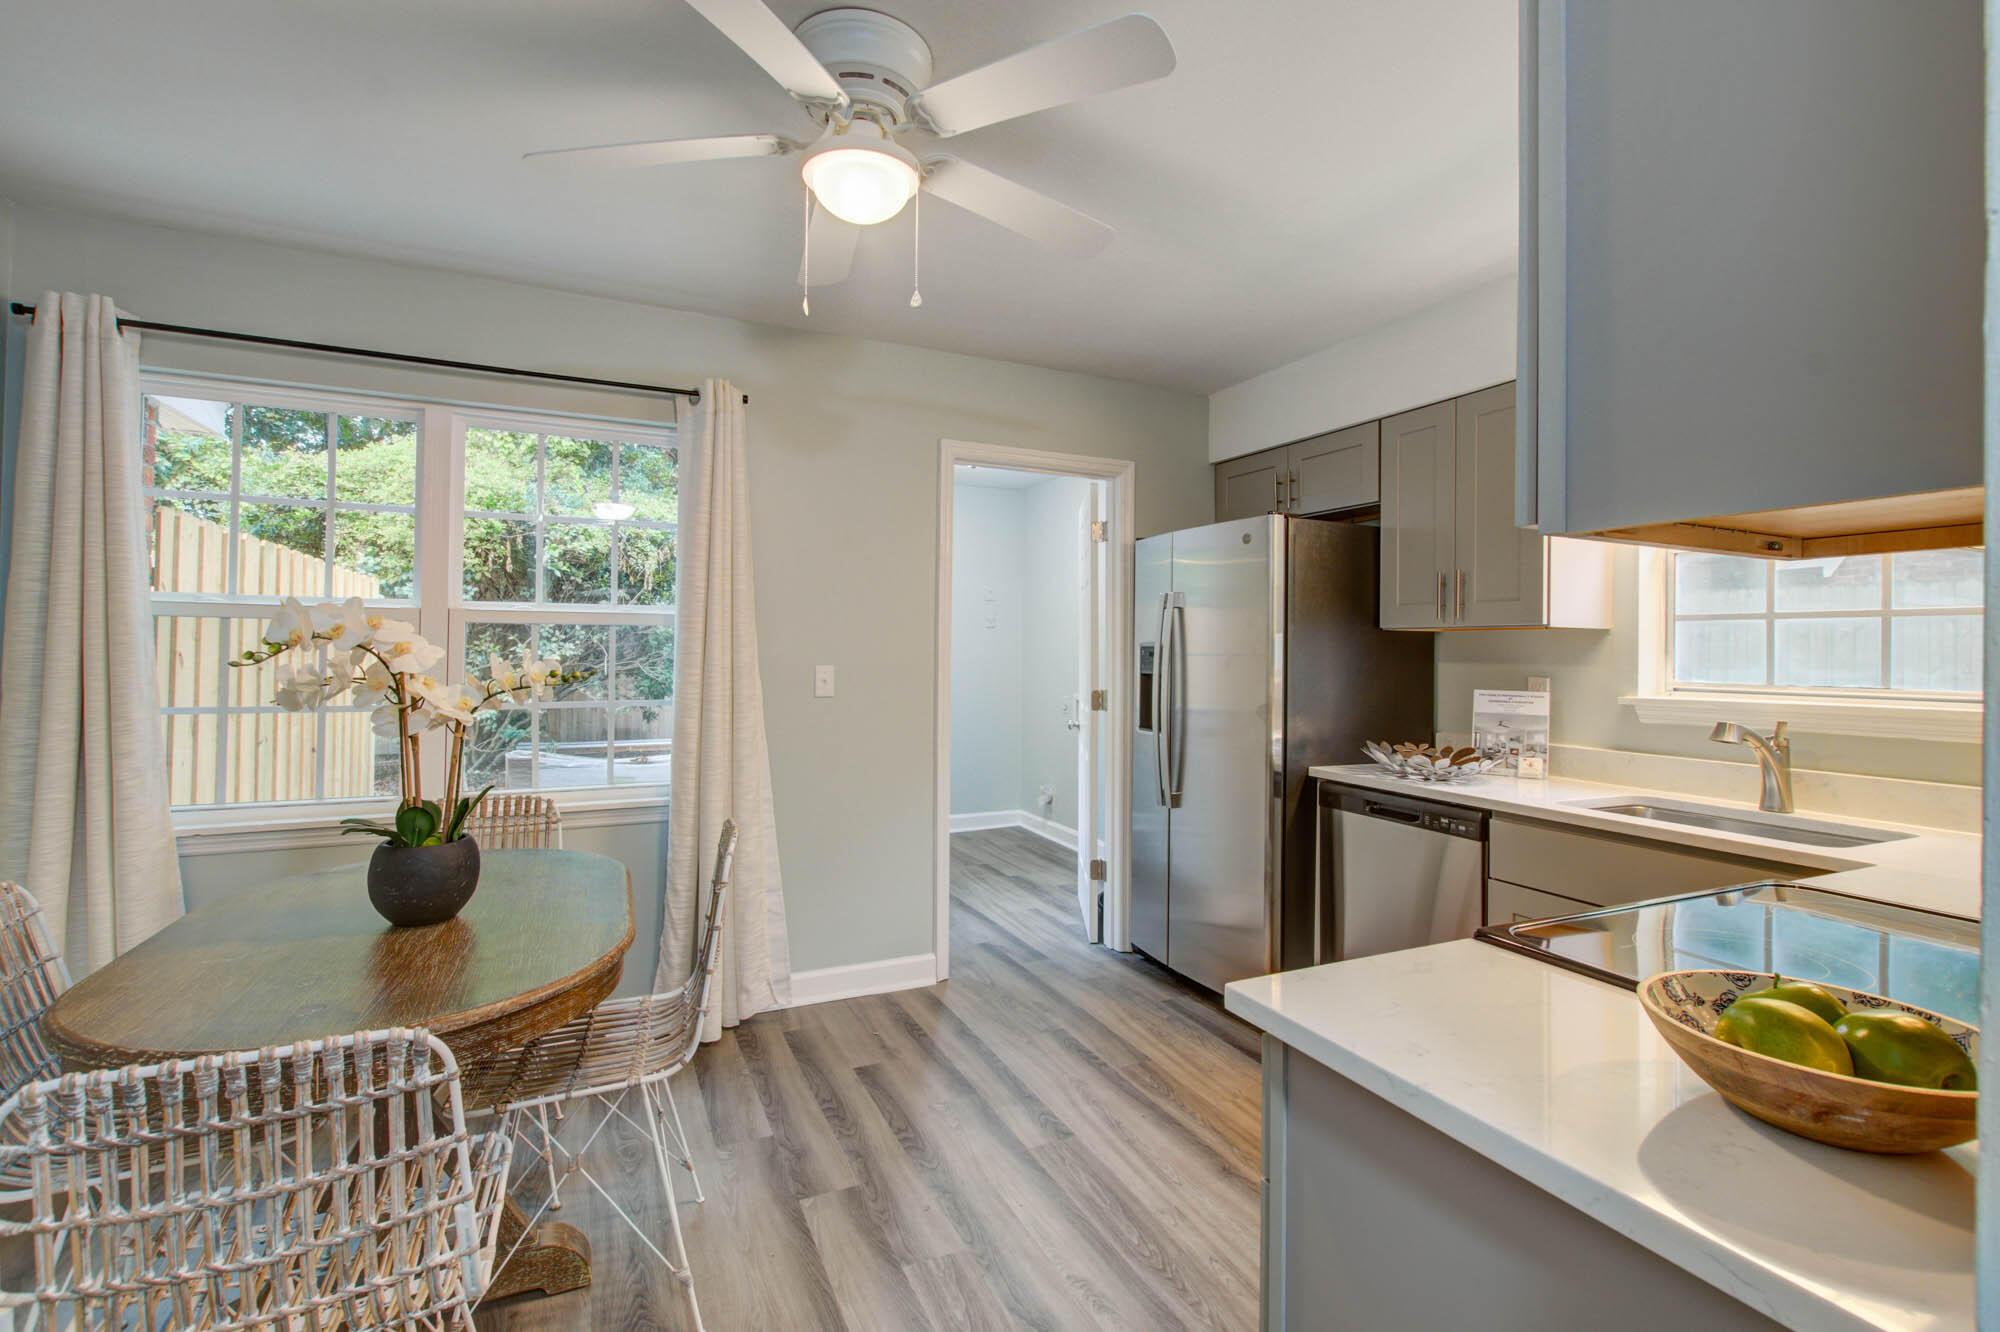 Wando East Homes For Sale - 1524 Nantahala, Mount Pleasant, SC - 13